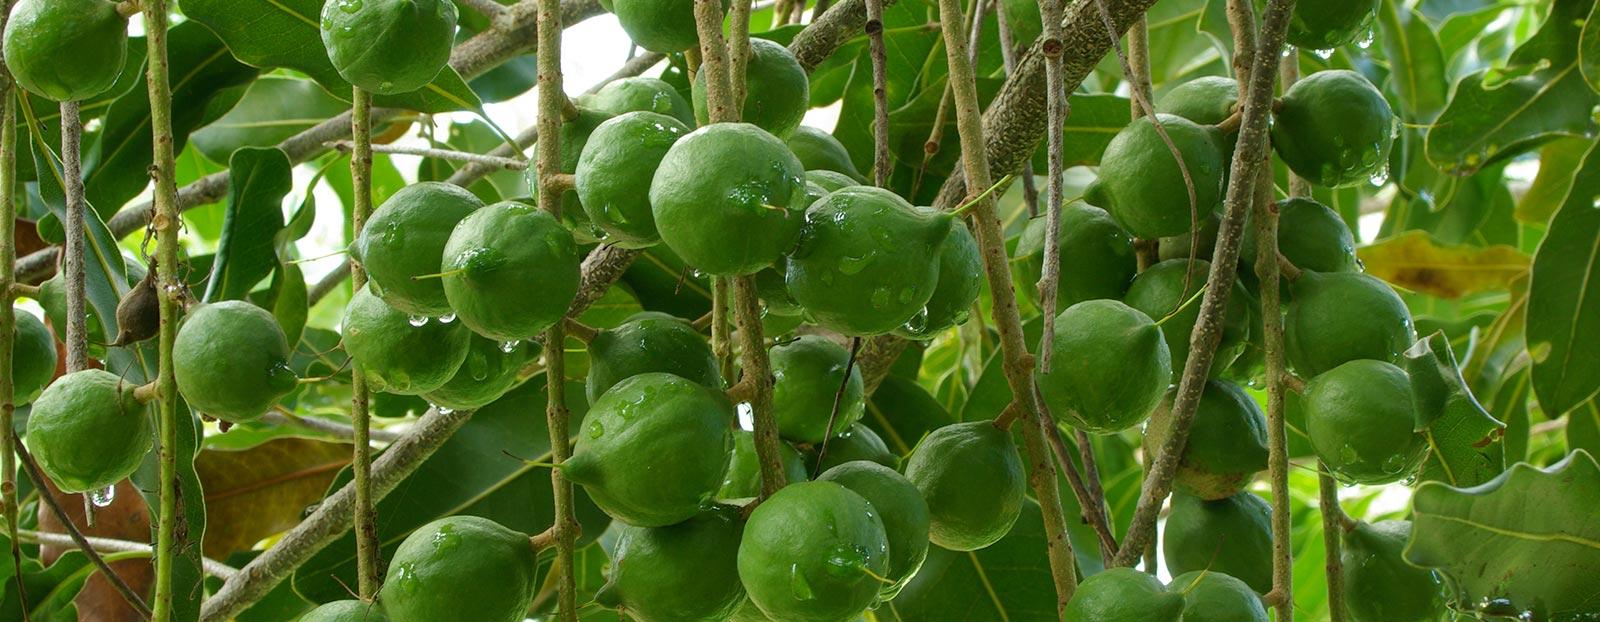 在自然栖息地生长着的夏威夷果